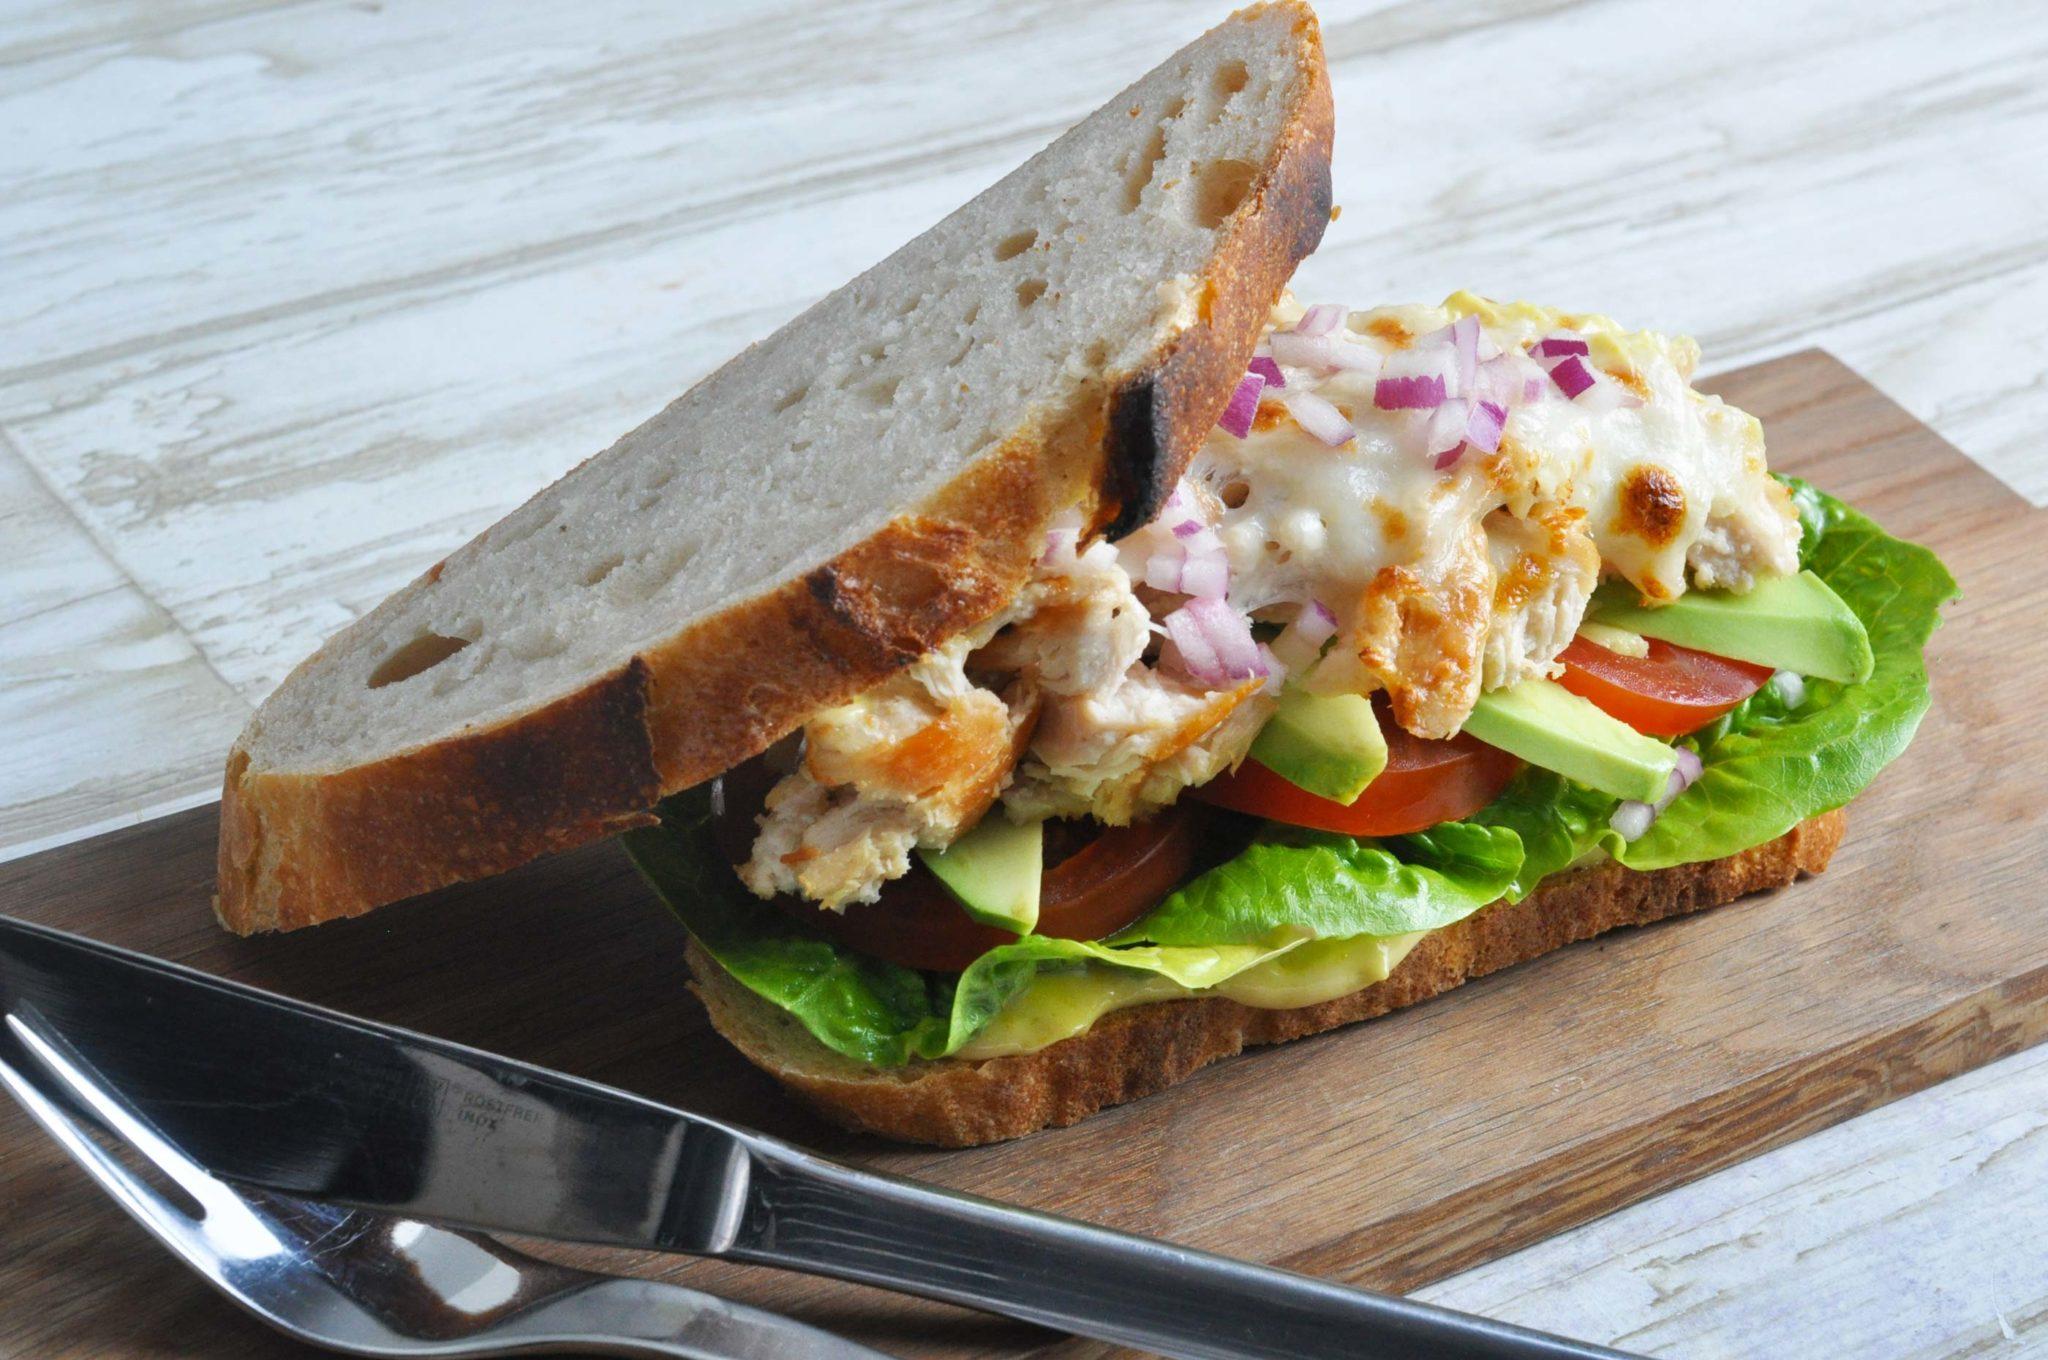 Vanedannende grillede kyllingesandwich med grønt og karrymayo